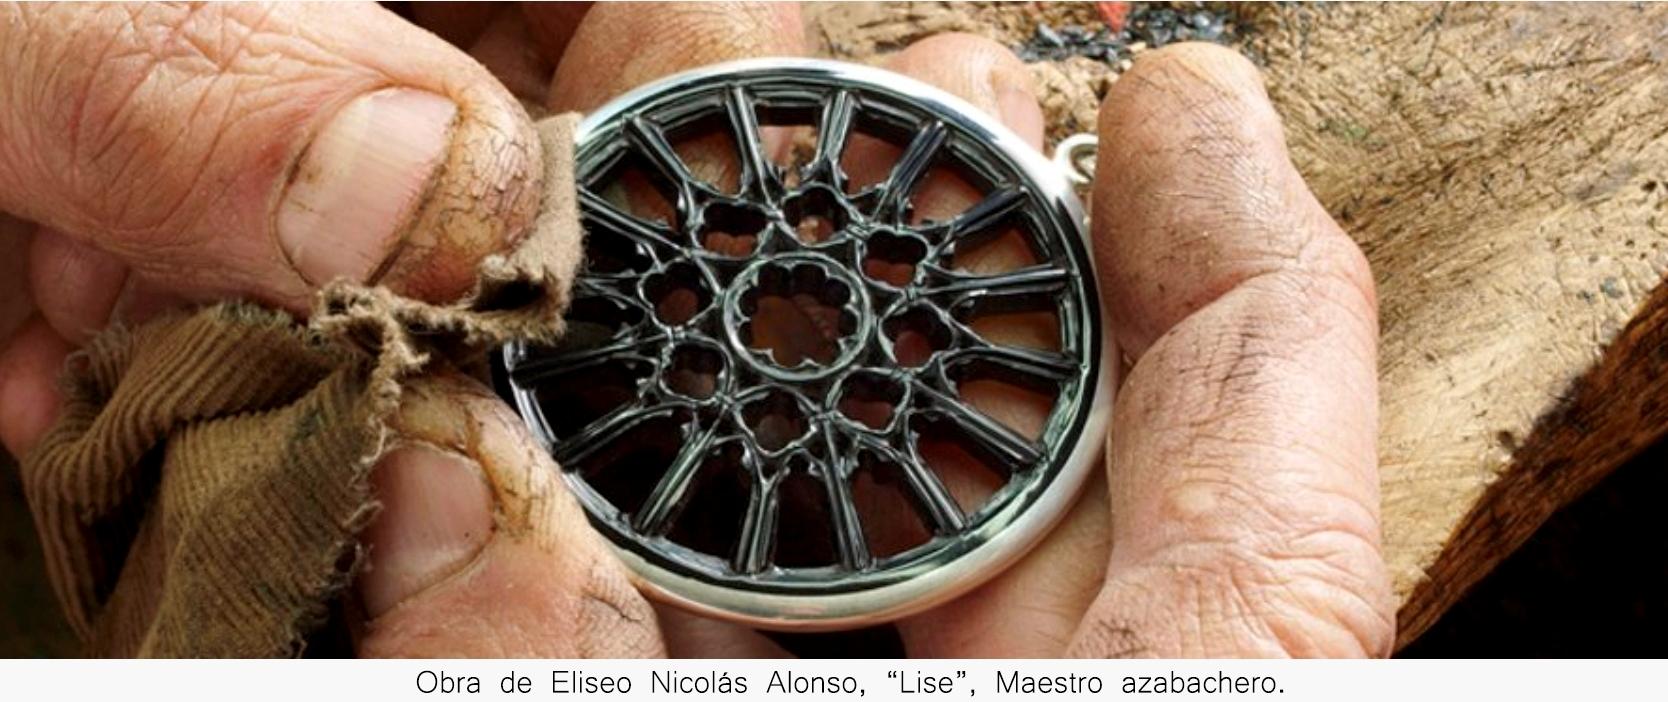 """Rosetón de azabache del maestro azabachero Eliseo Nicolás Alonso, """"Lise"""""""